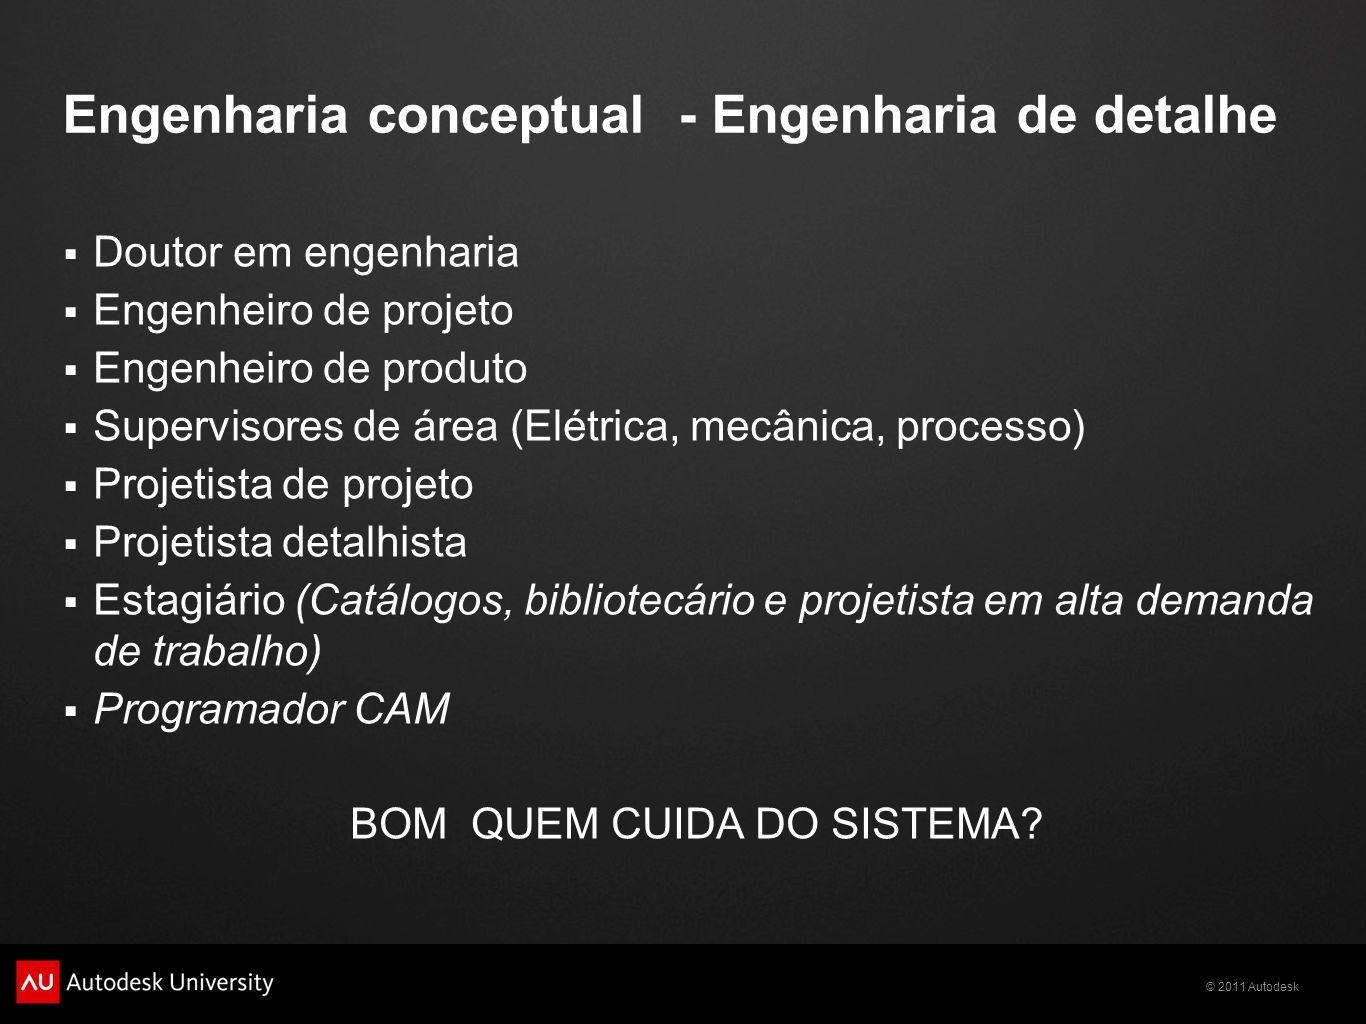 Engenharia conceptual - Engenharia de detalhe